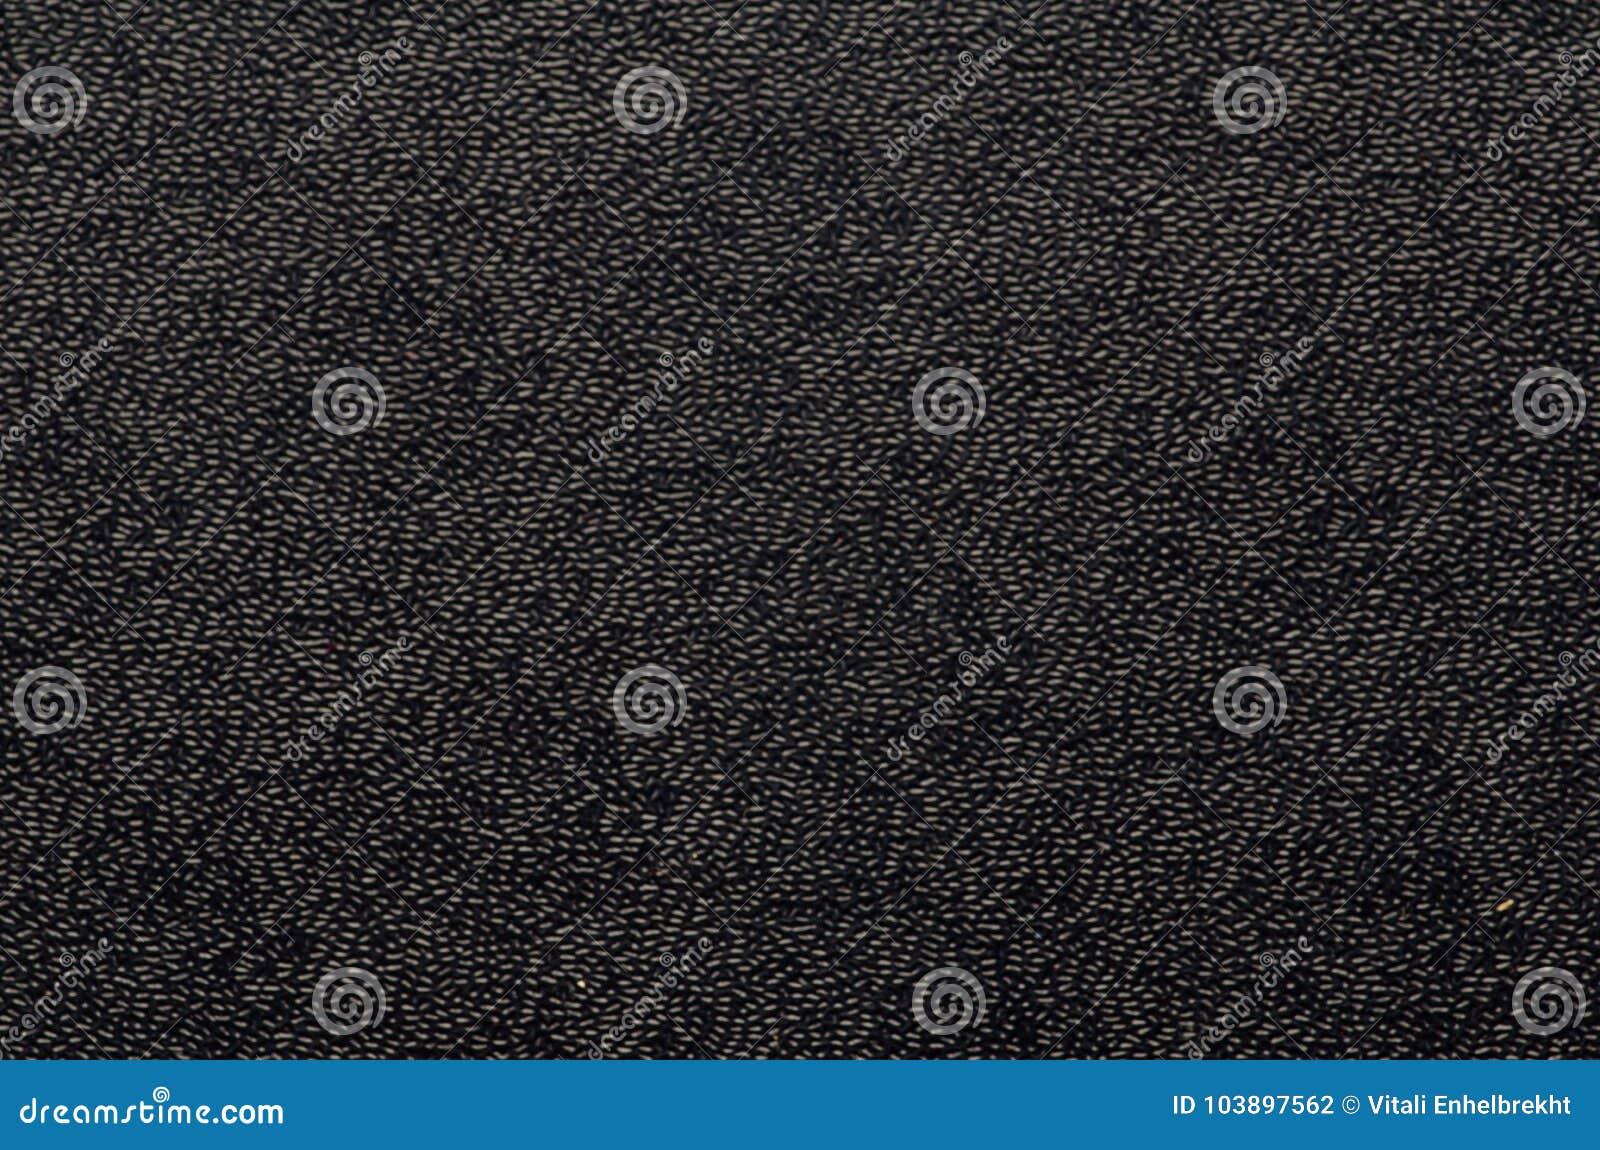 Closeuptextur av hud